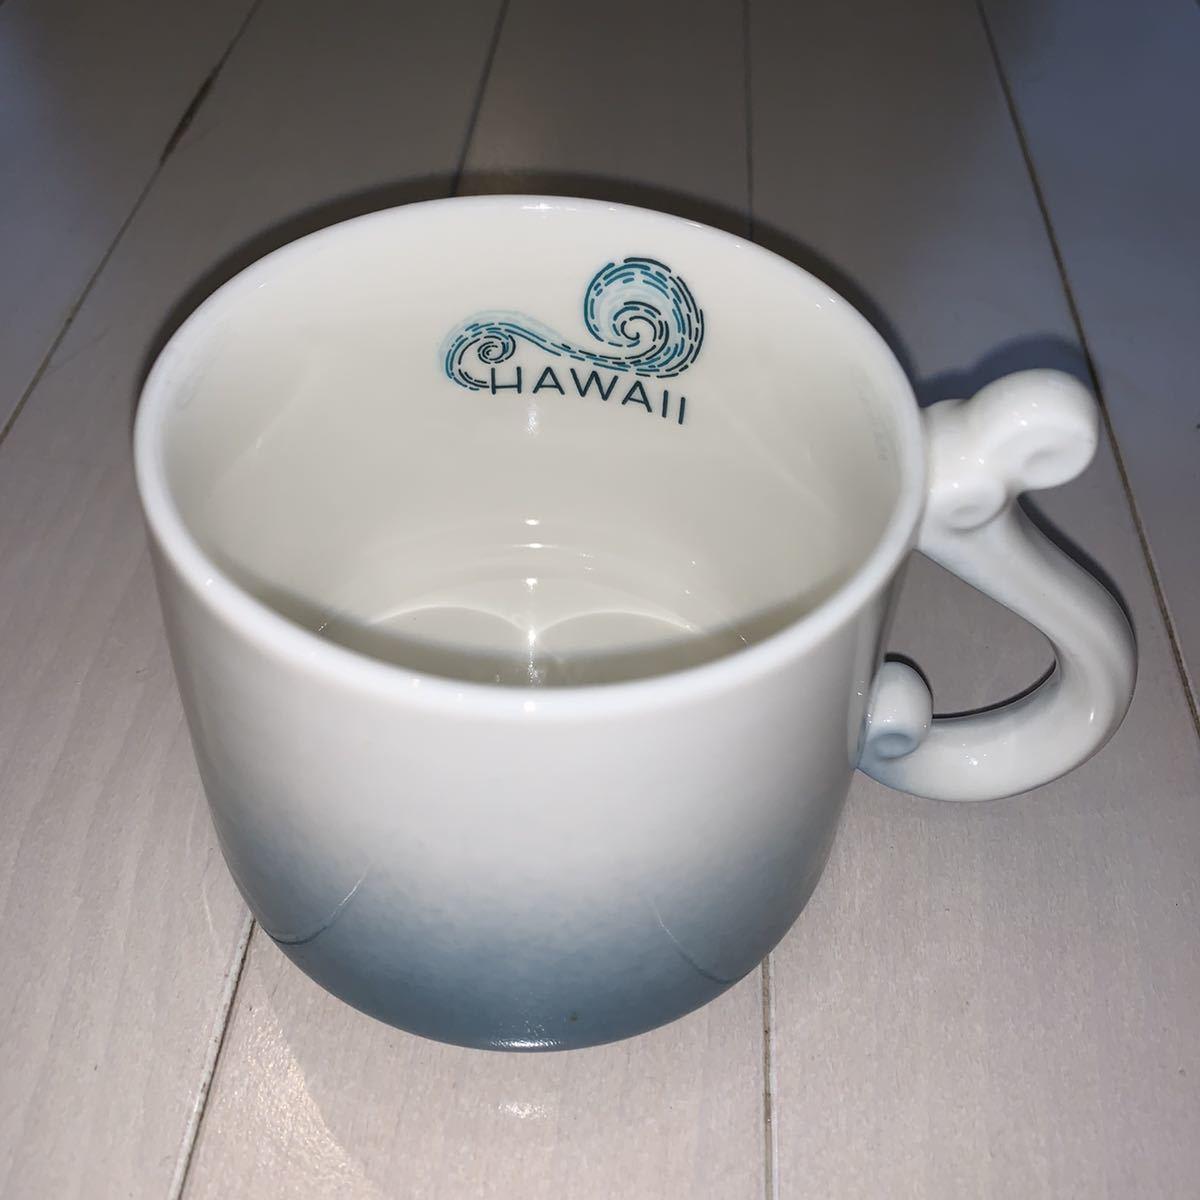 未使用品 スターバックス マグカップ ハワイ限定 STARBUCKS スタバ ご当地マグ 海外 HAWAII_画像1